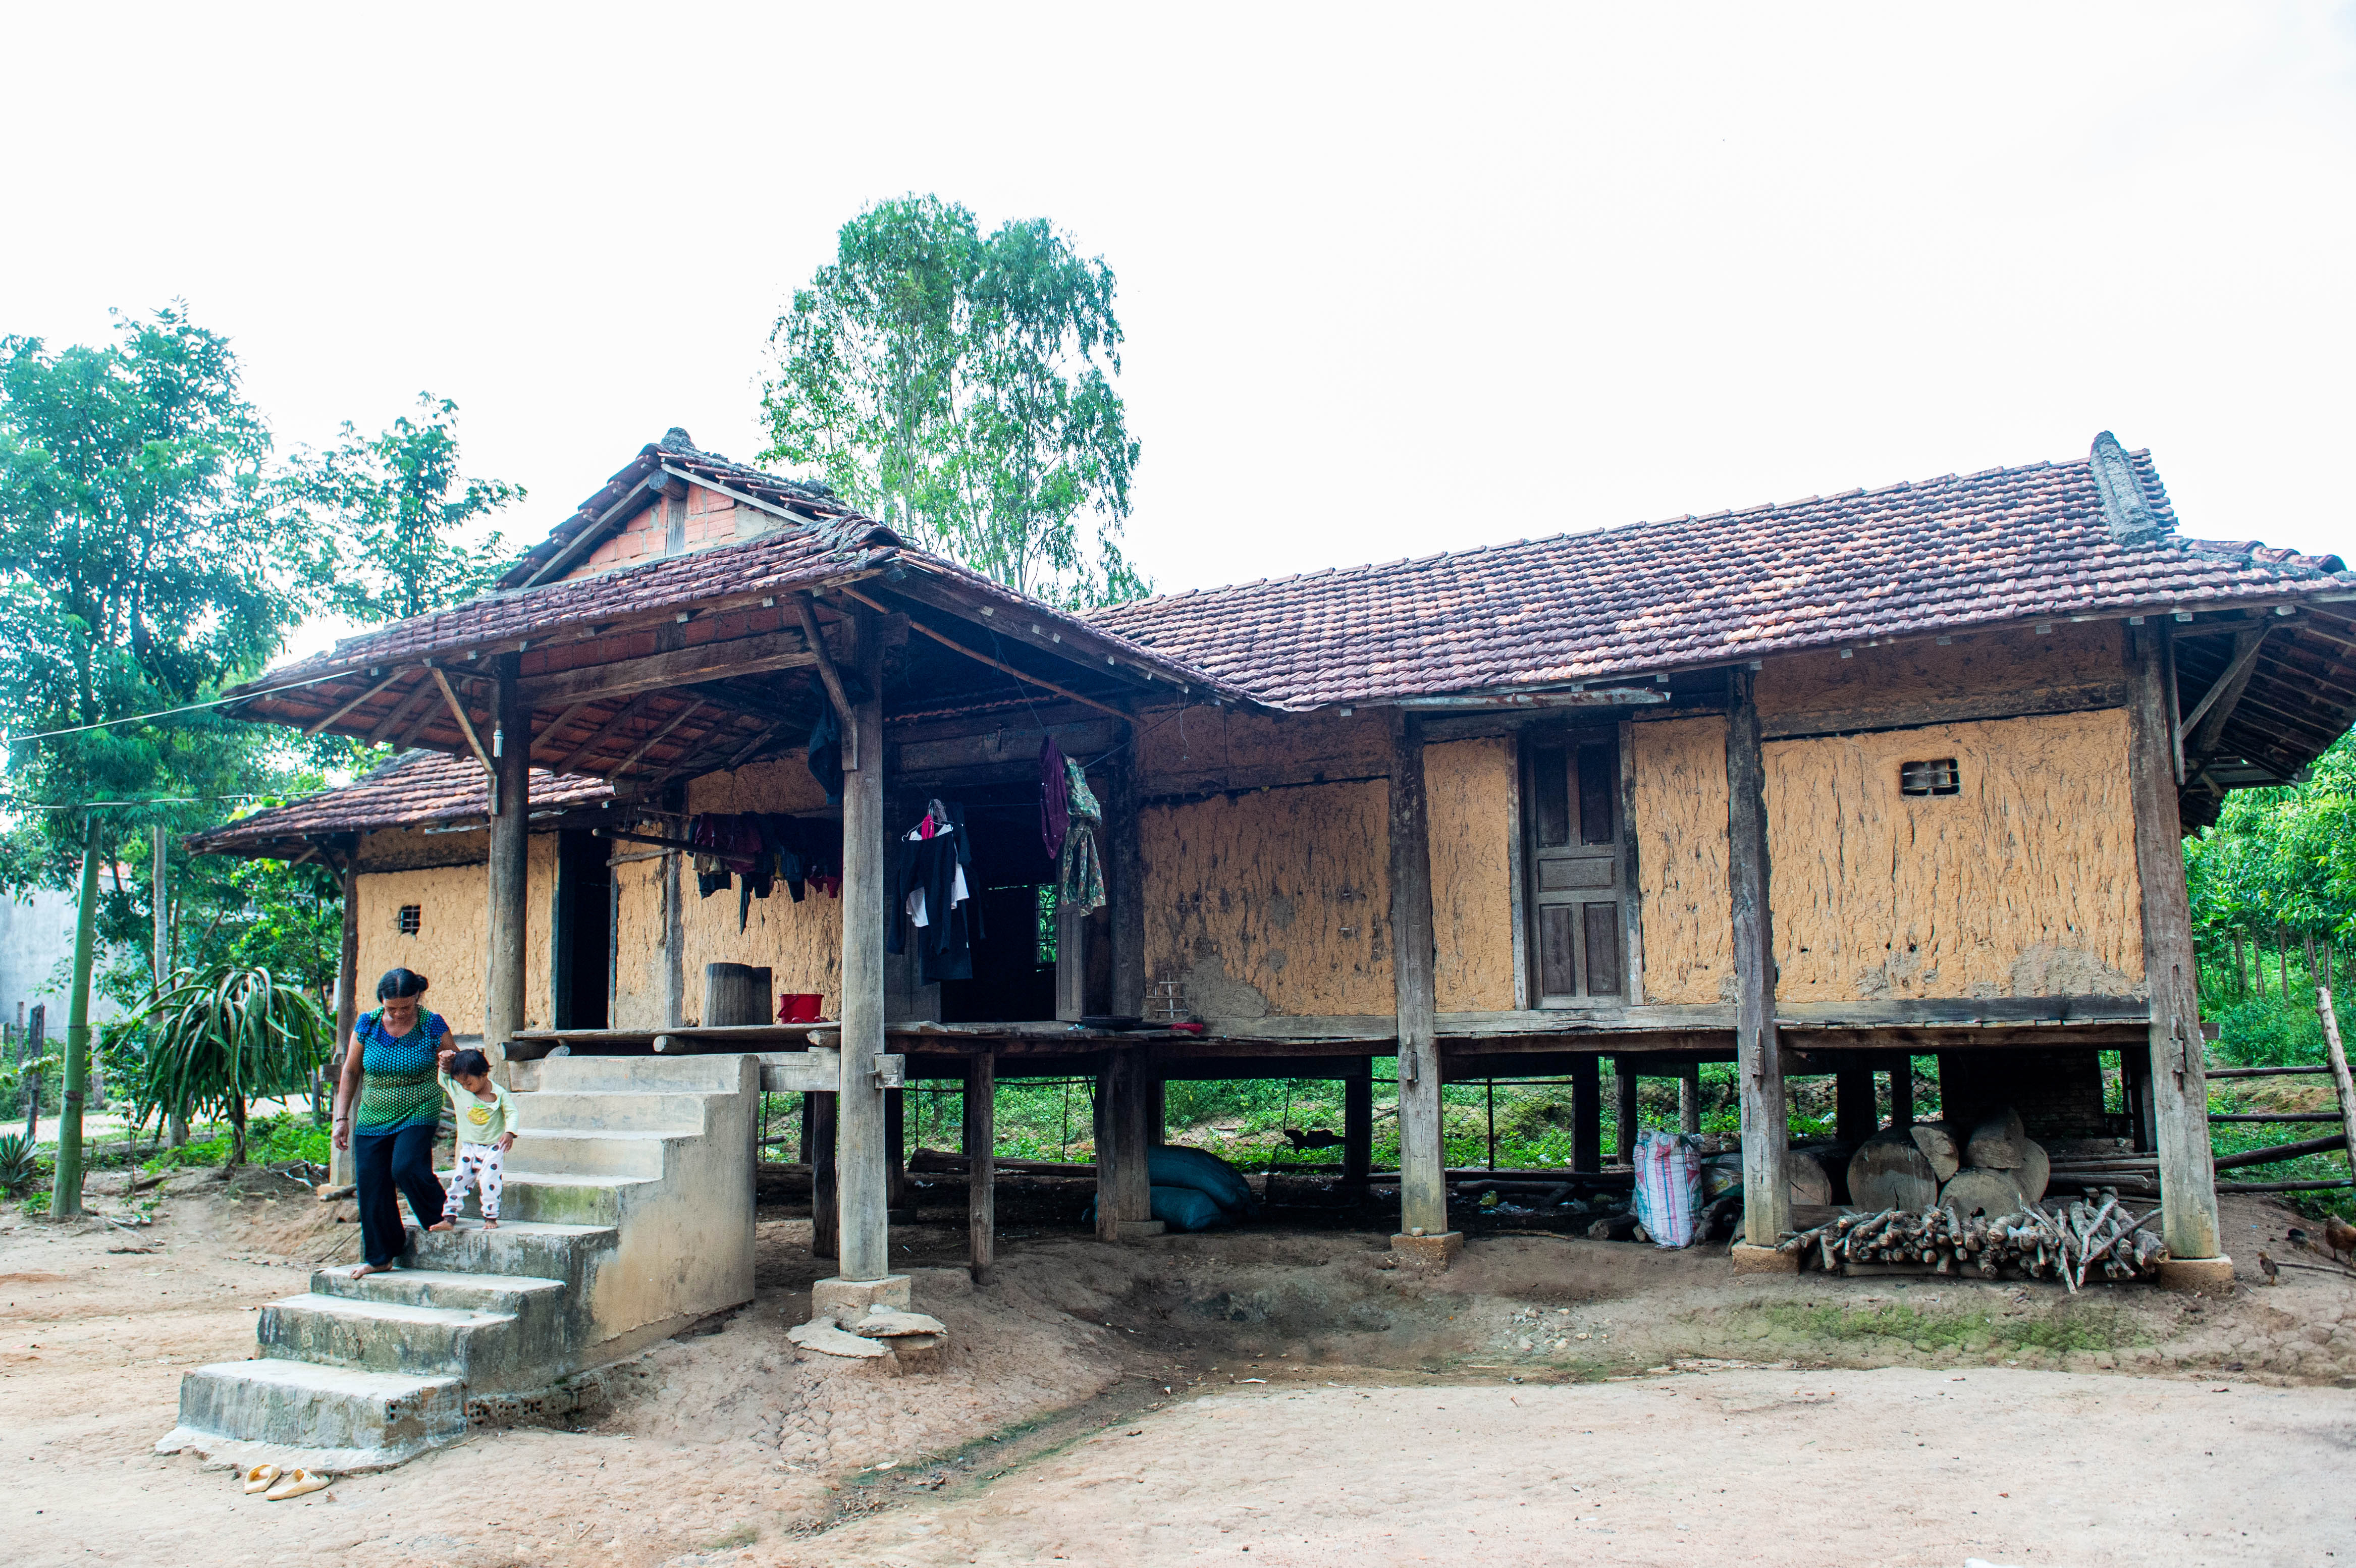 Ngôi nhà sàn của gia đình bà Y Chép được xây dựng hơn 26 năm trước. Ảnh: Đ.T